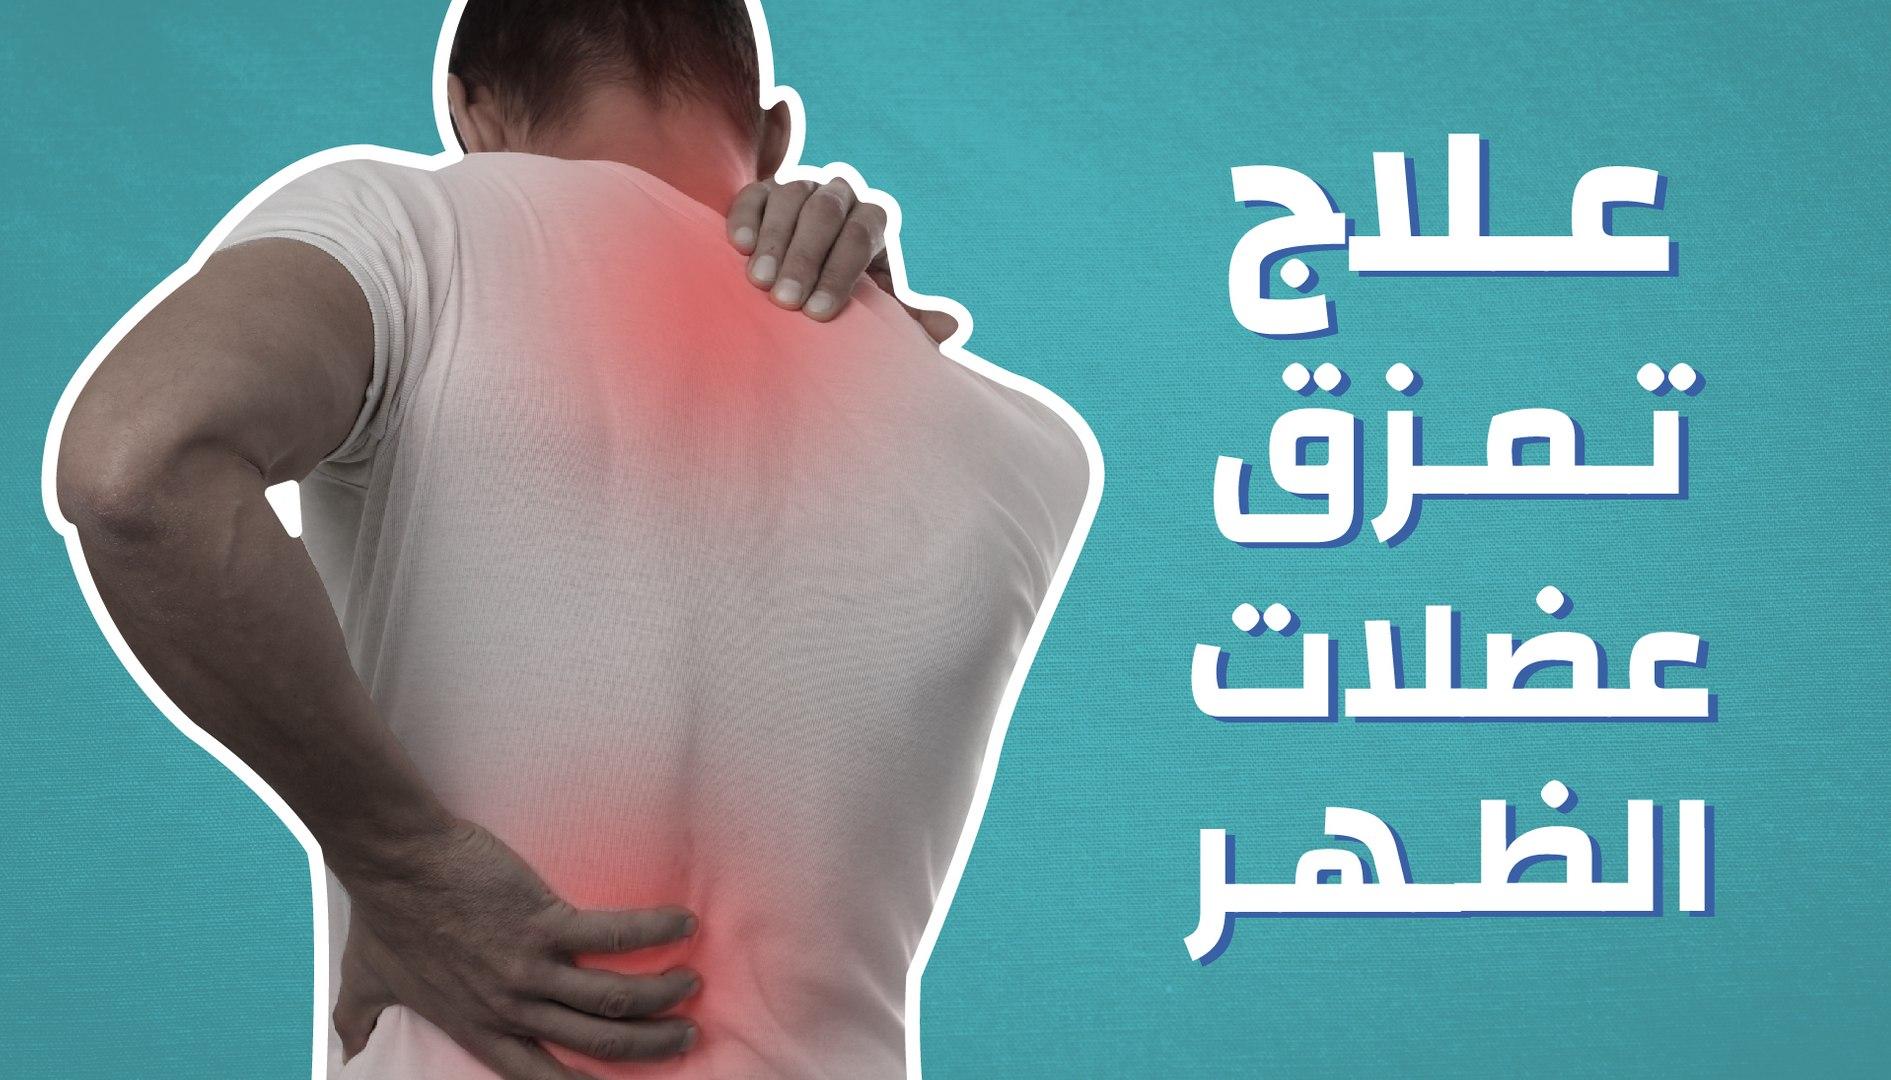 تمزق عضلات الظهر أسبابه وأعراضه وطرق علاجه المنزلية والطبية